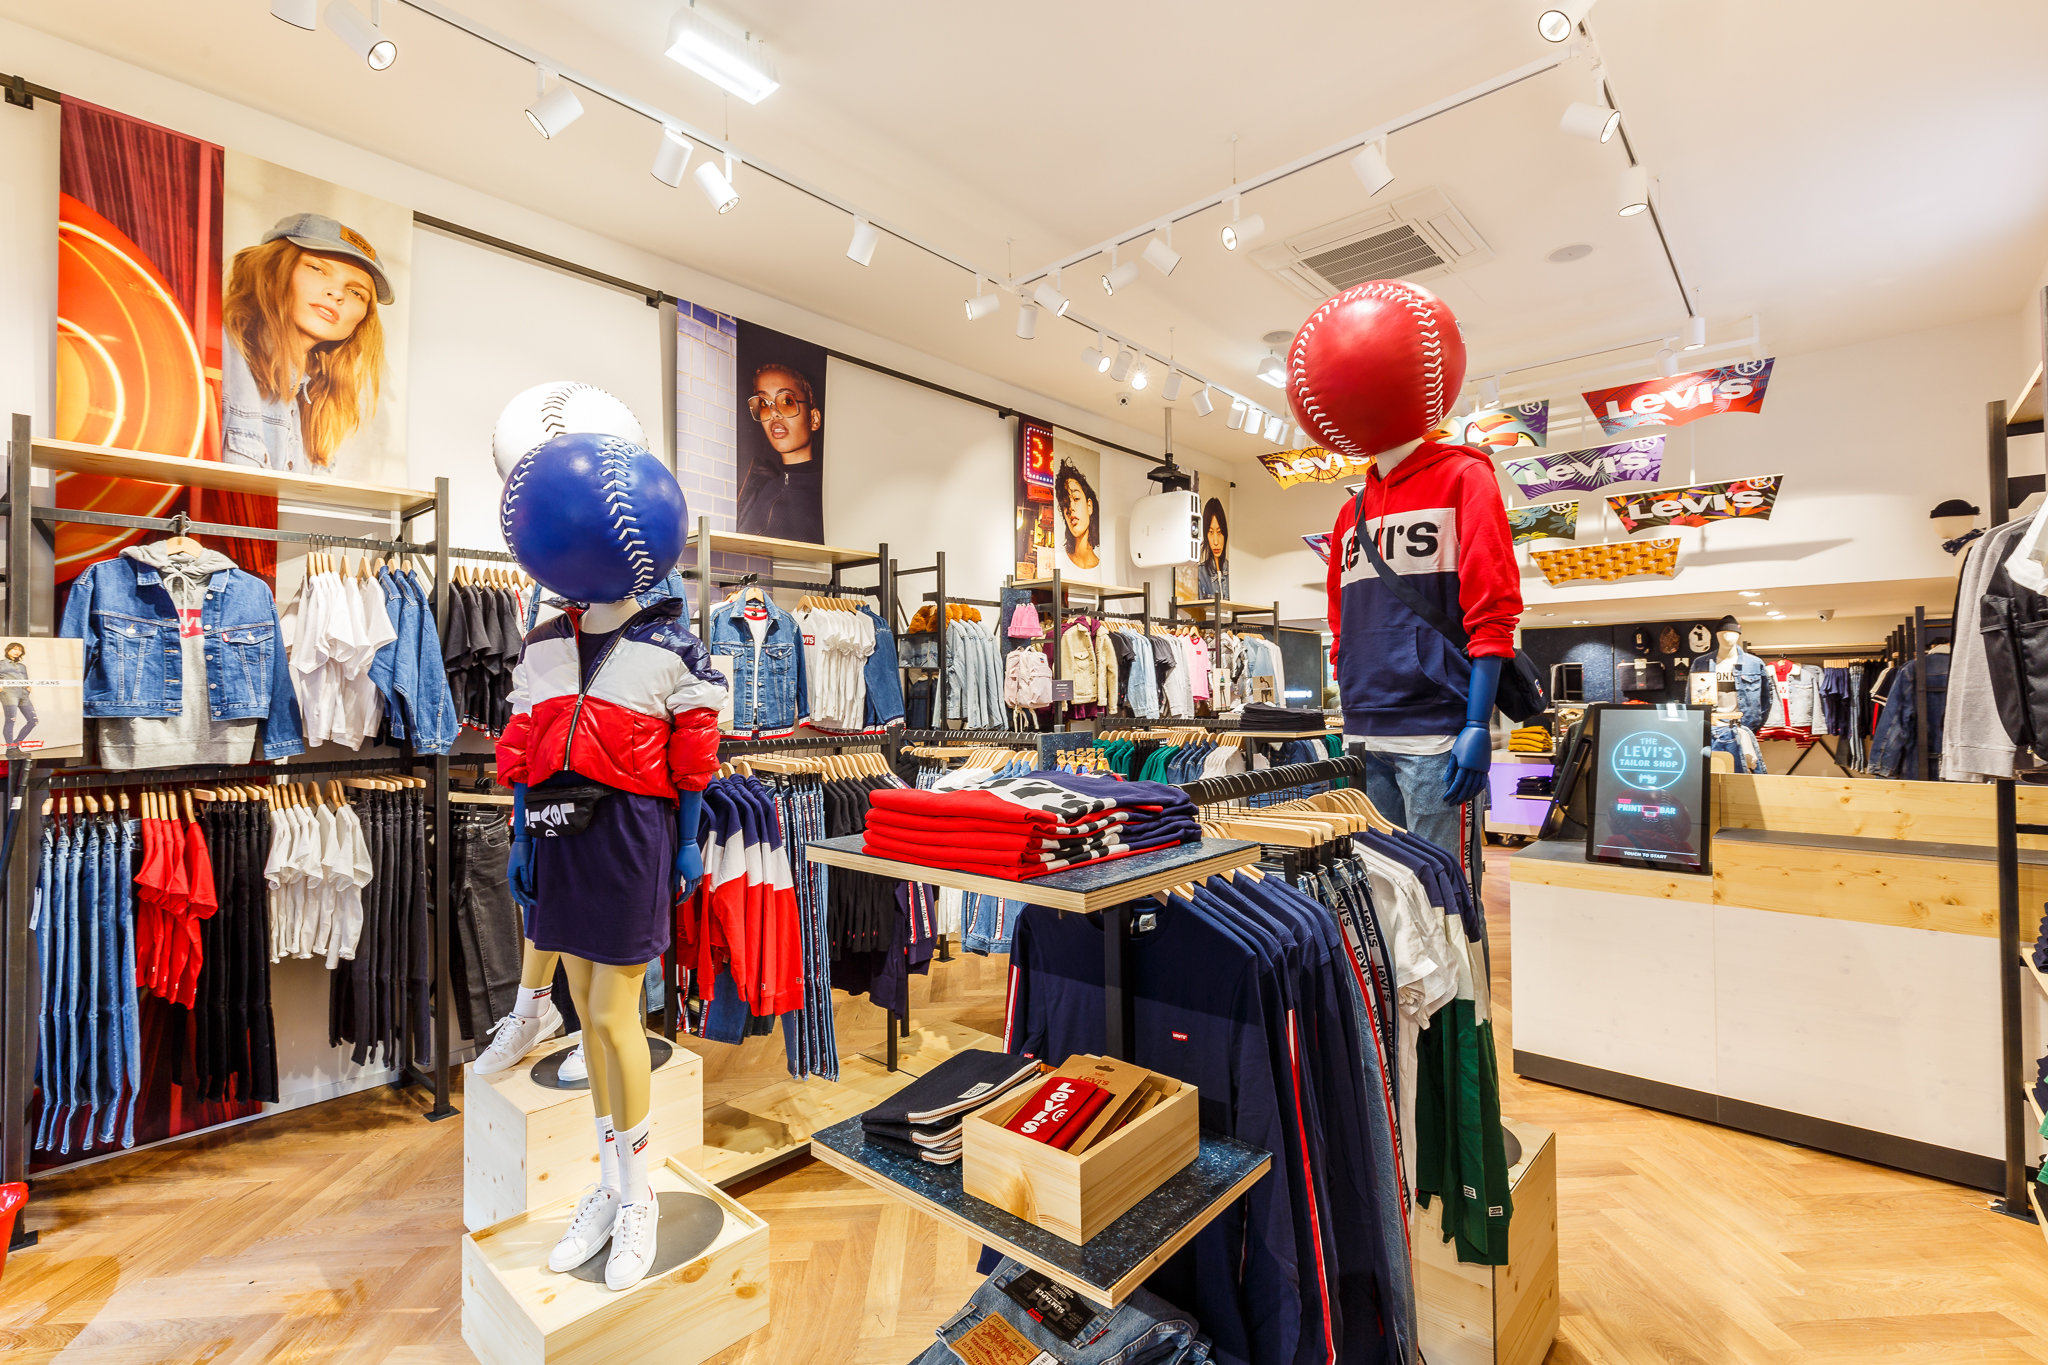 Gen Z Levi's store